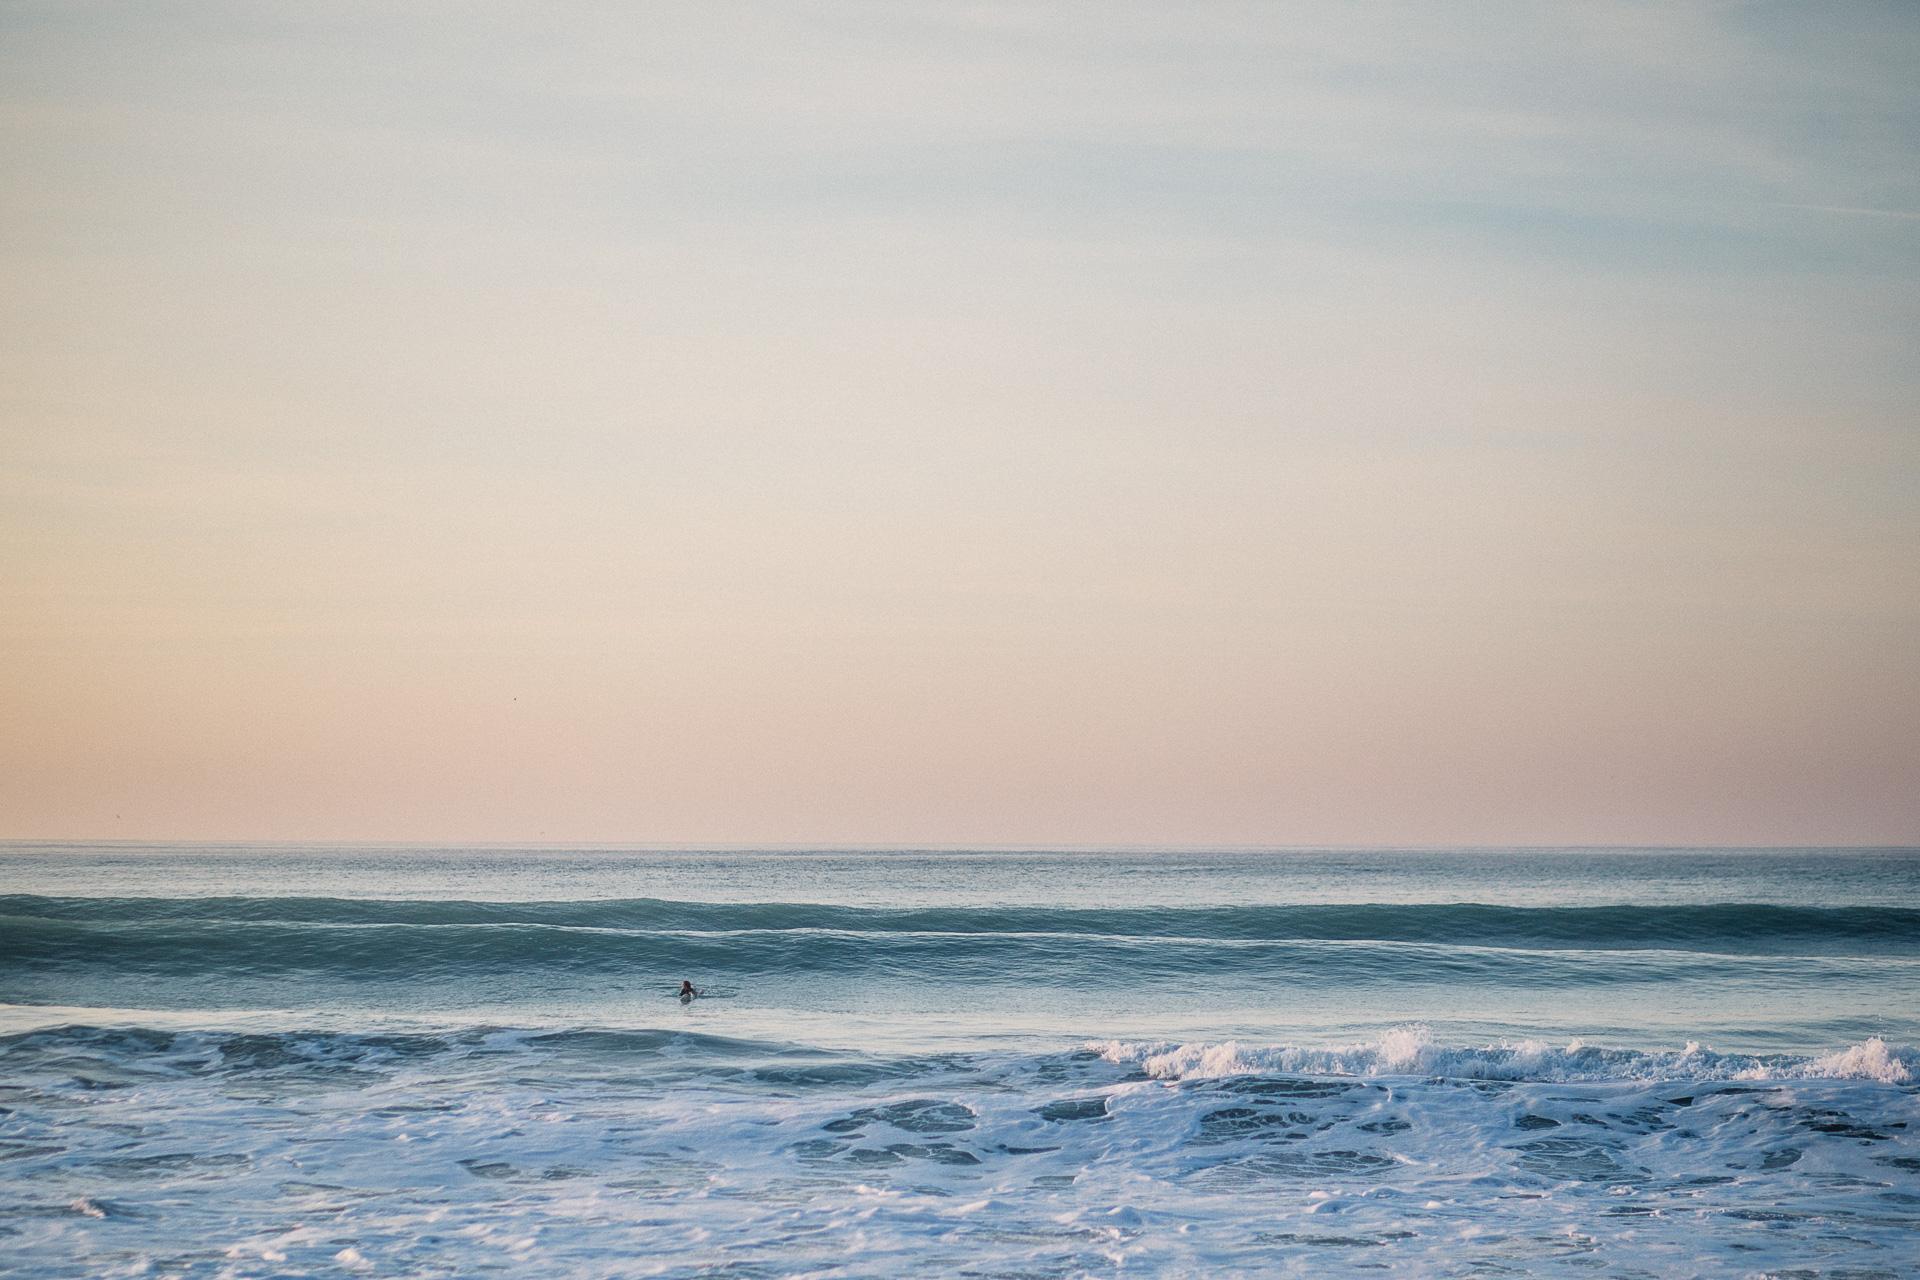 Damien-Dohmen-photographe-Ocean-37